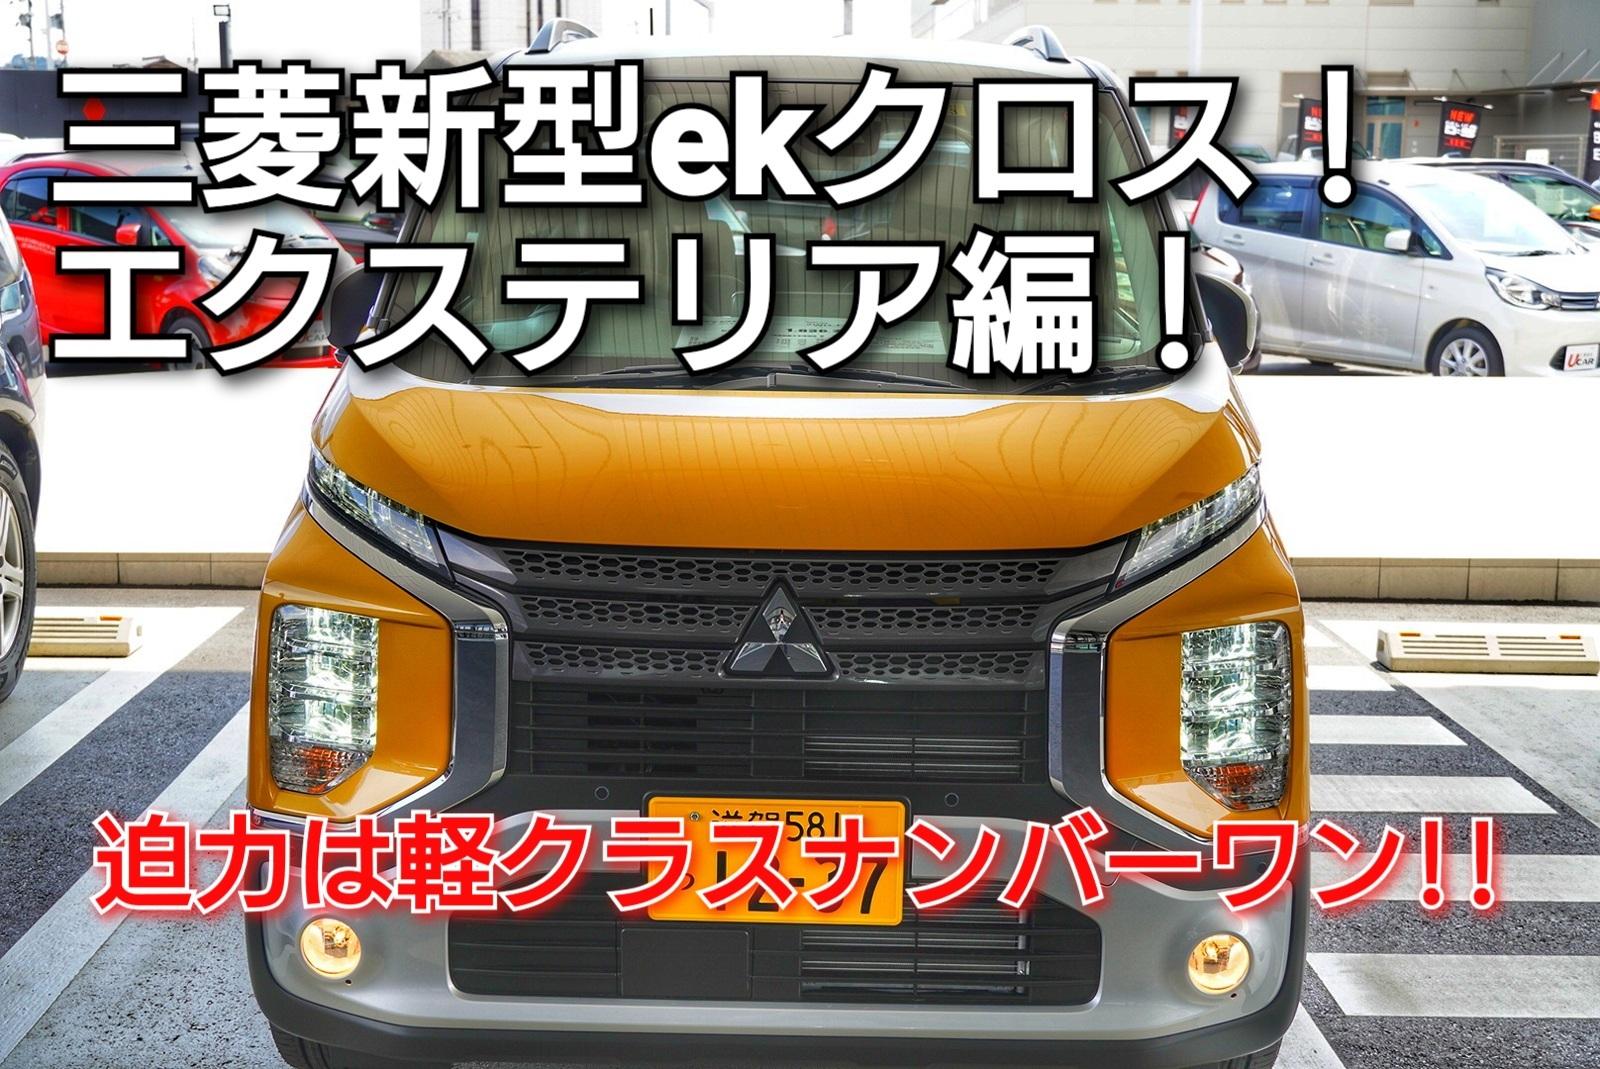 【新型車登場!】エクステリア編!!三菱新型ekクロスインプレッション!①